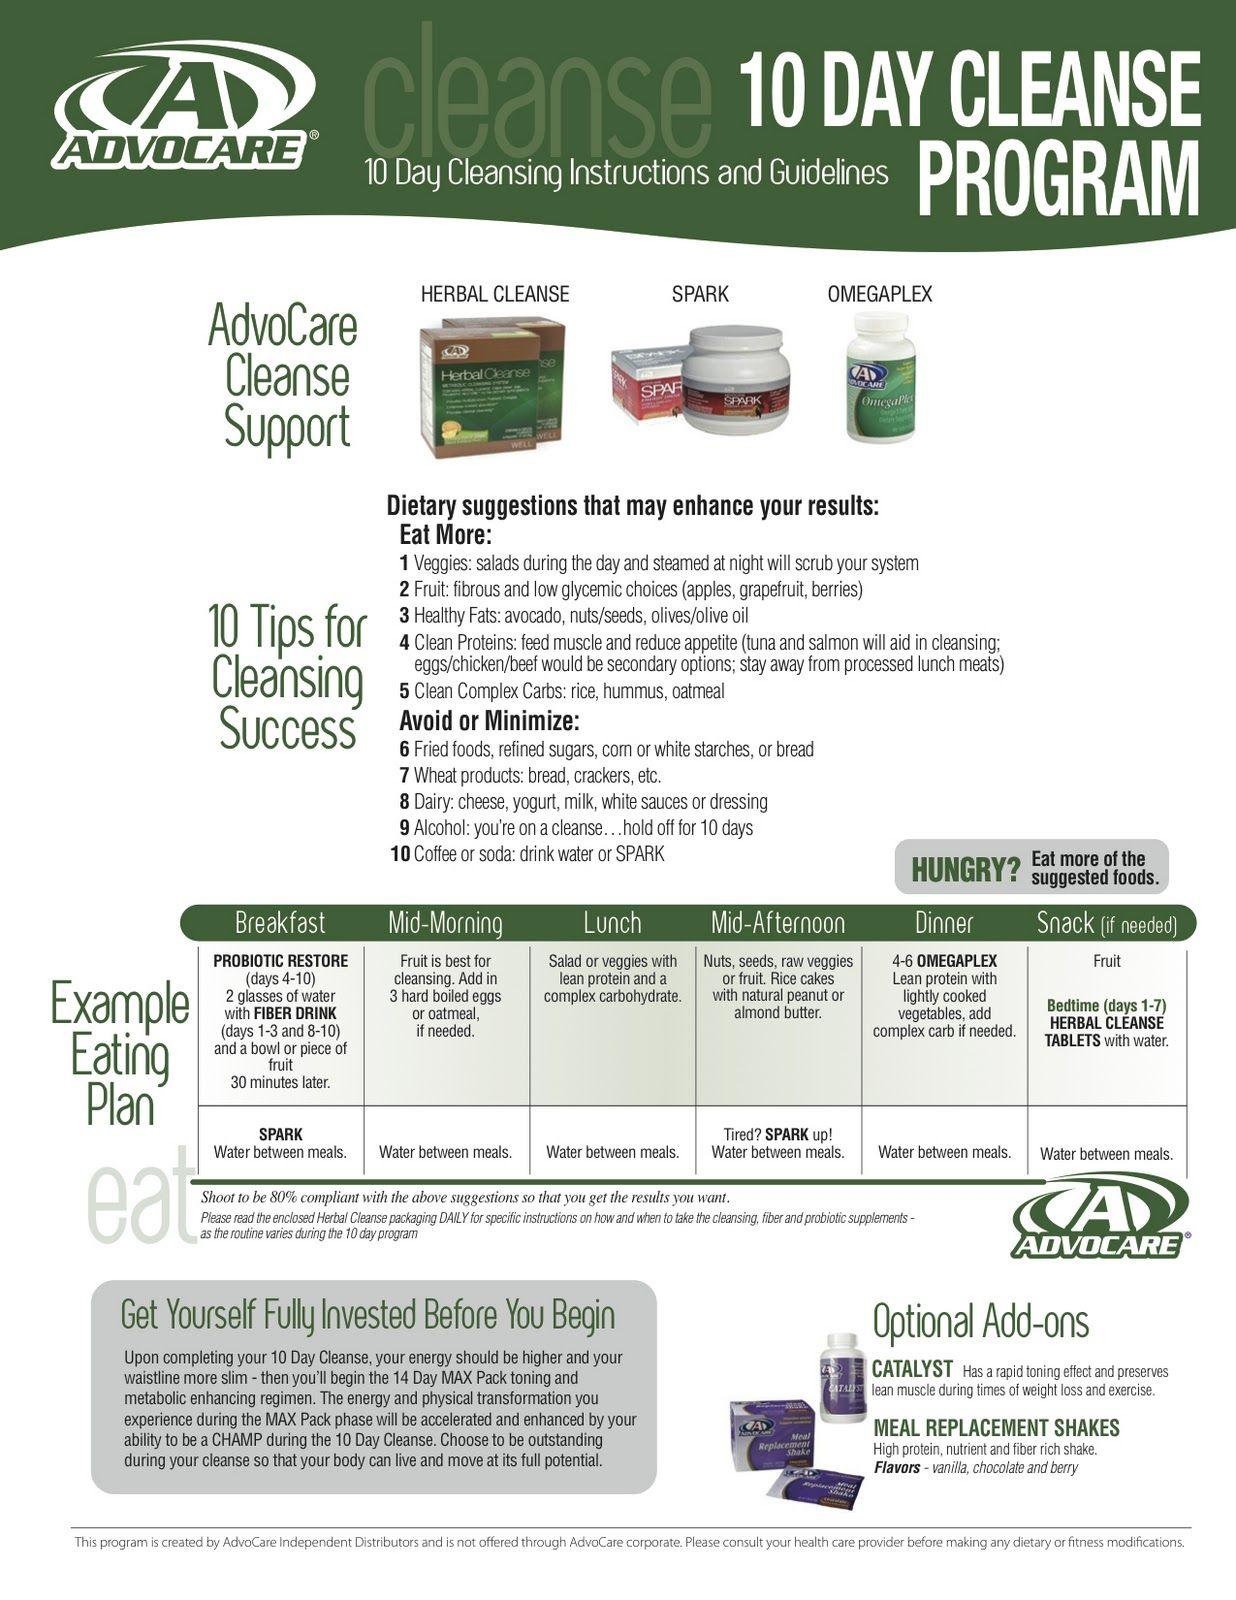 Bbcffc711973433 1 236 1 600 Pixels Advocare Cleanse Recipes Advocare 10 Day Cleanse Advocare Cleanse